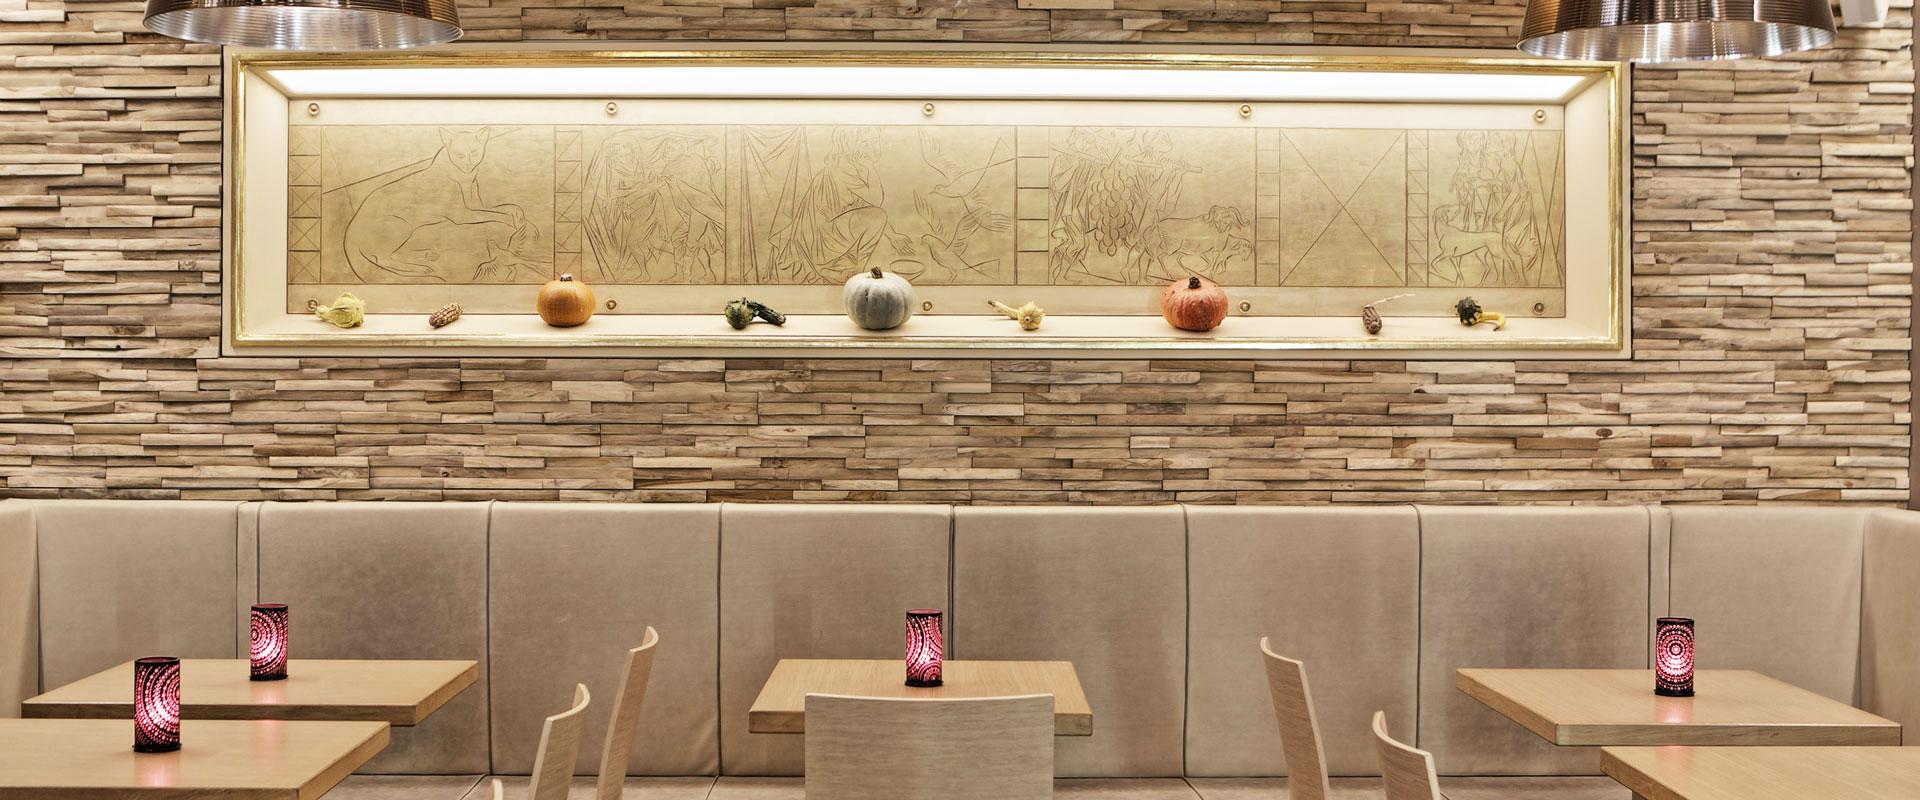 Gastraum mit Tischen und Wanddekor